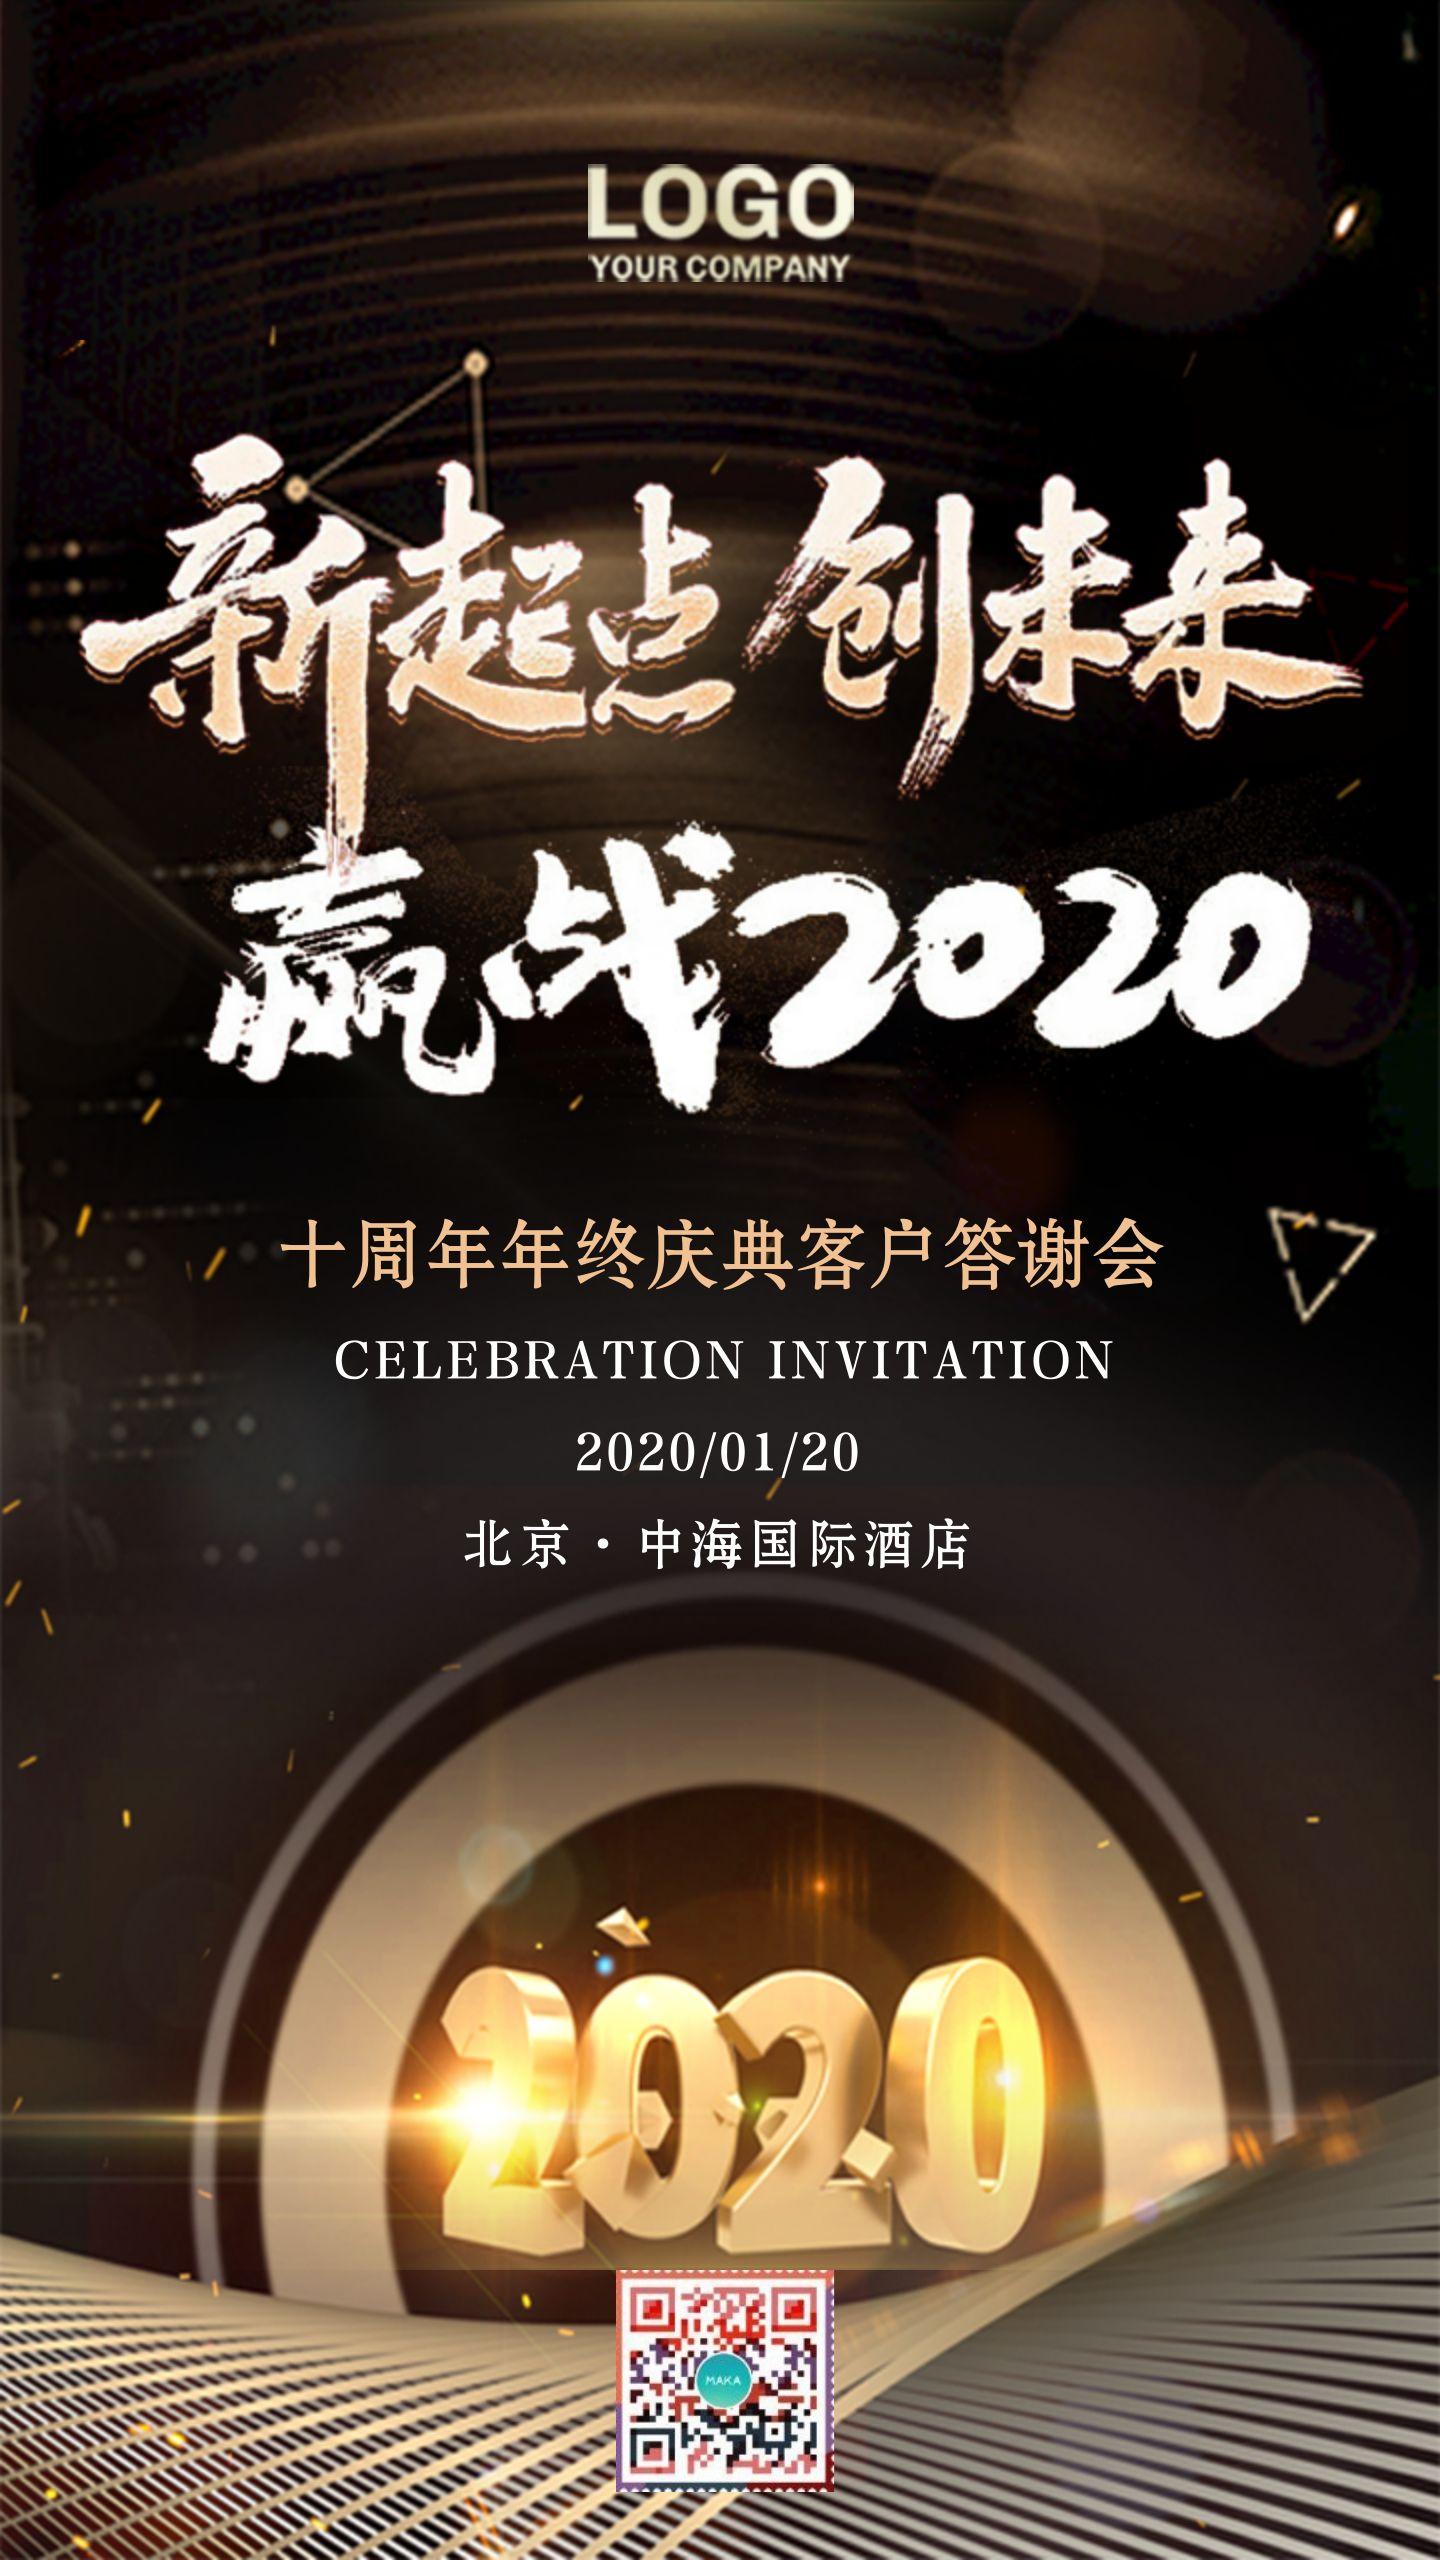 黑色高端大气企业周年庆典年终盛典客户答谢会邀请函海报